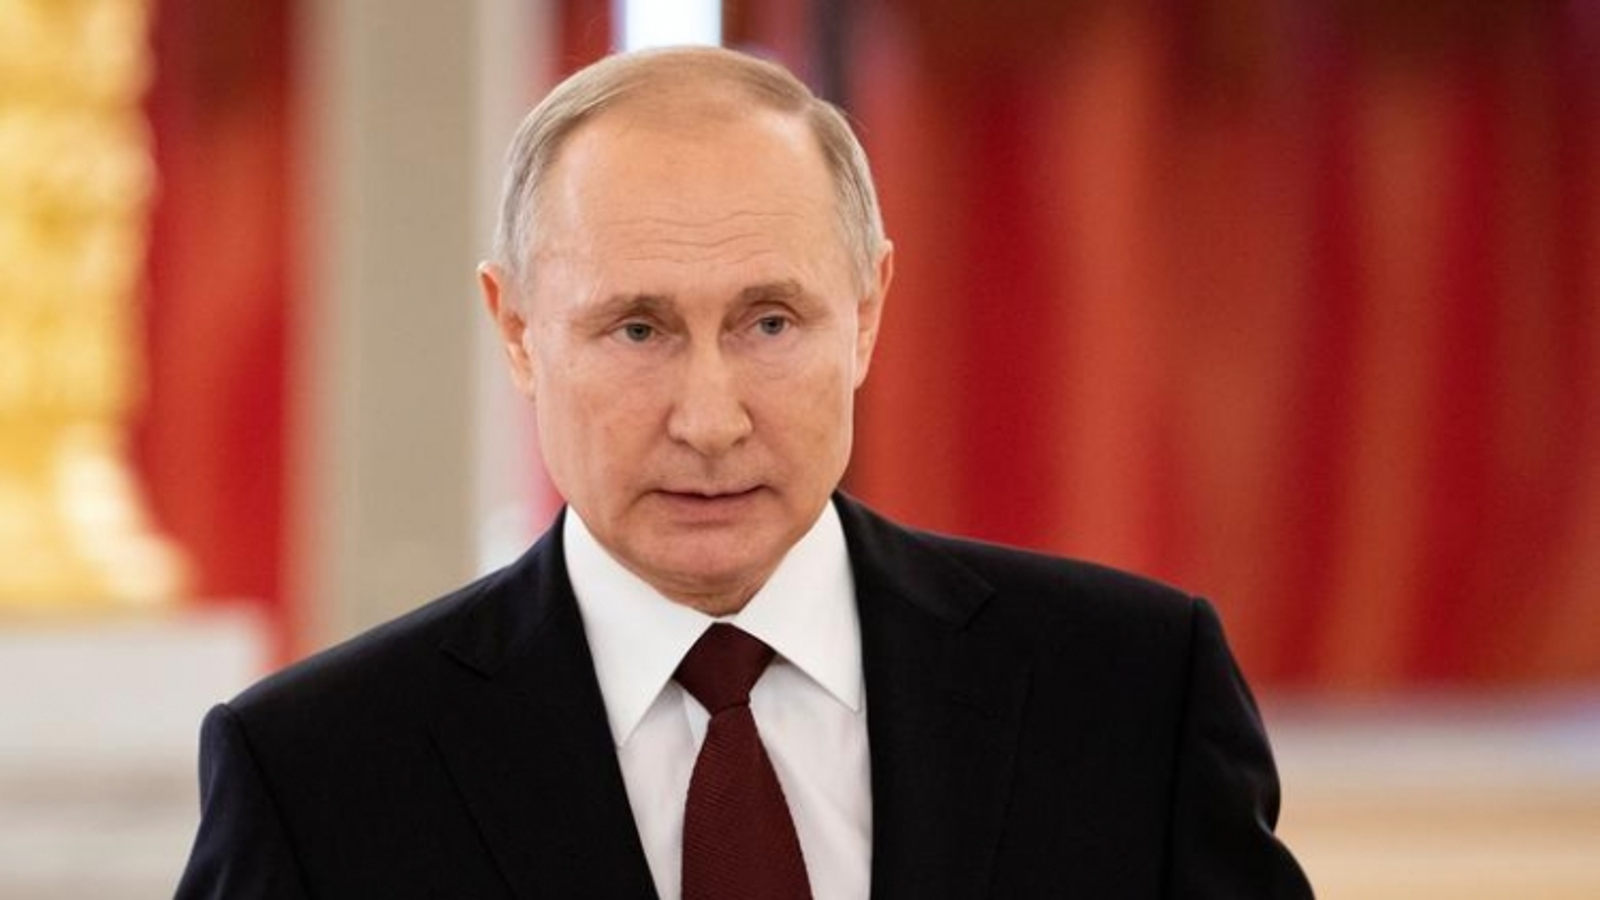 Tổng thống Putin: Mỹ chịu một phần trách nhiệm trong khủng hoảng năng lượng châu Âu